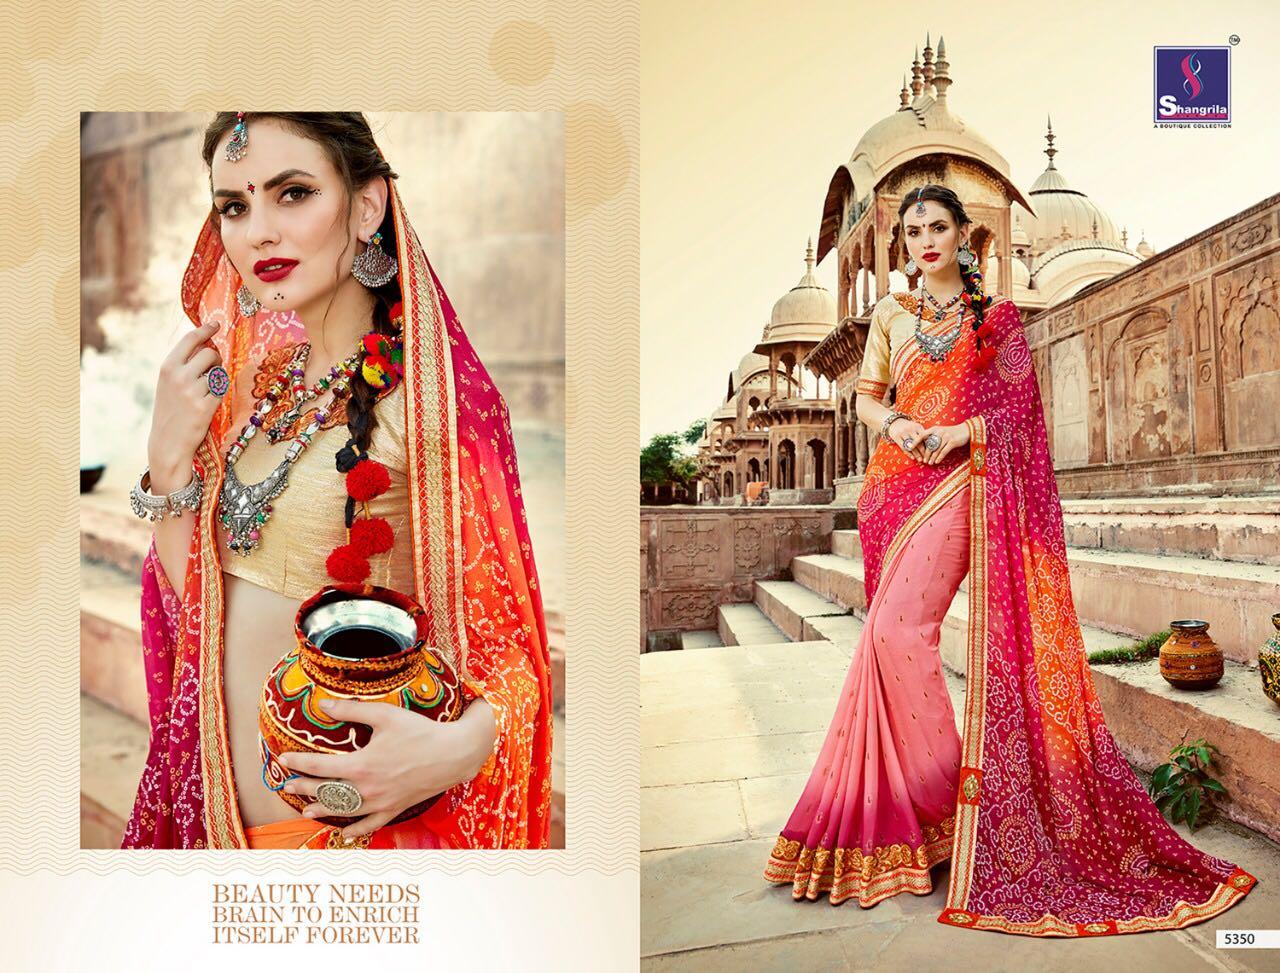 Shangrila The Royal Bhandej 5350